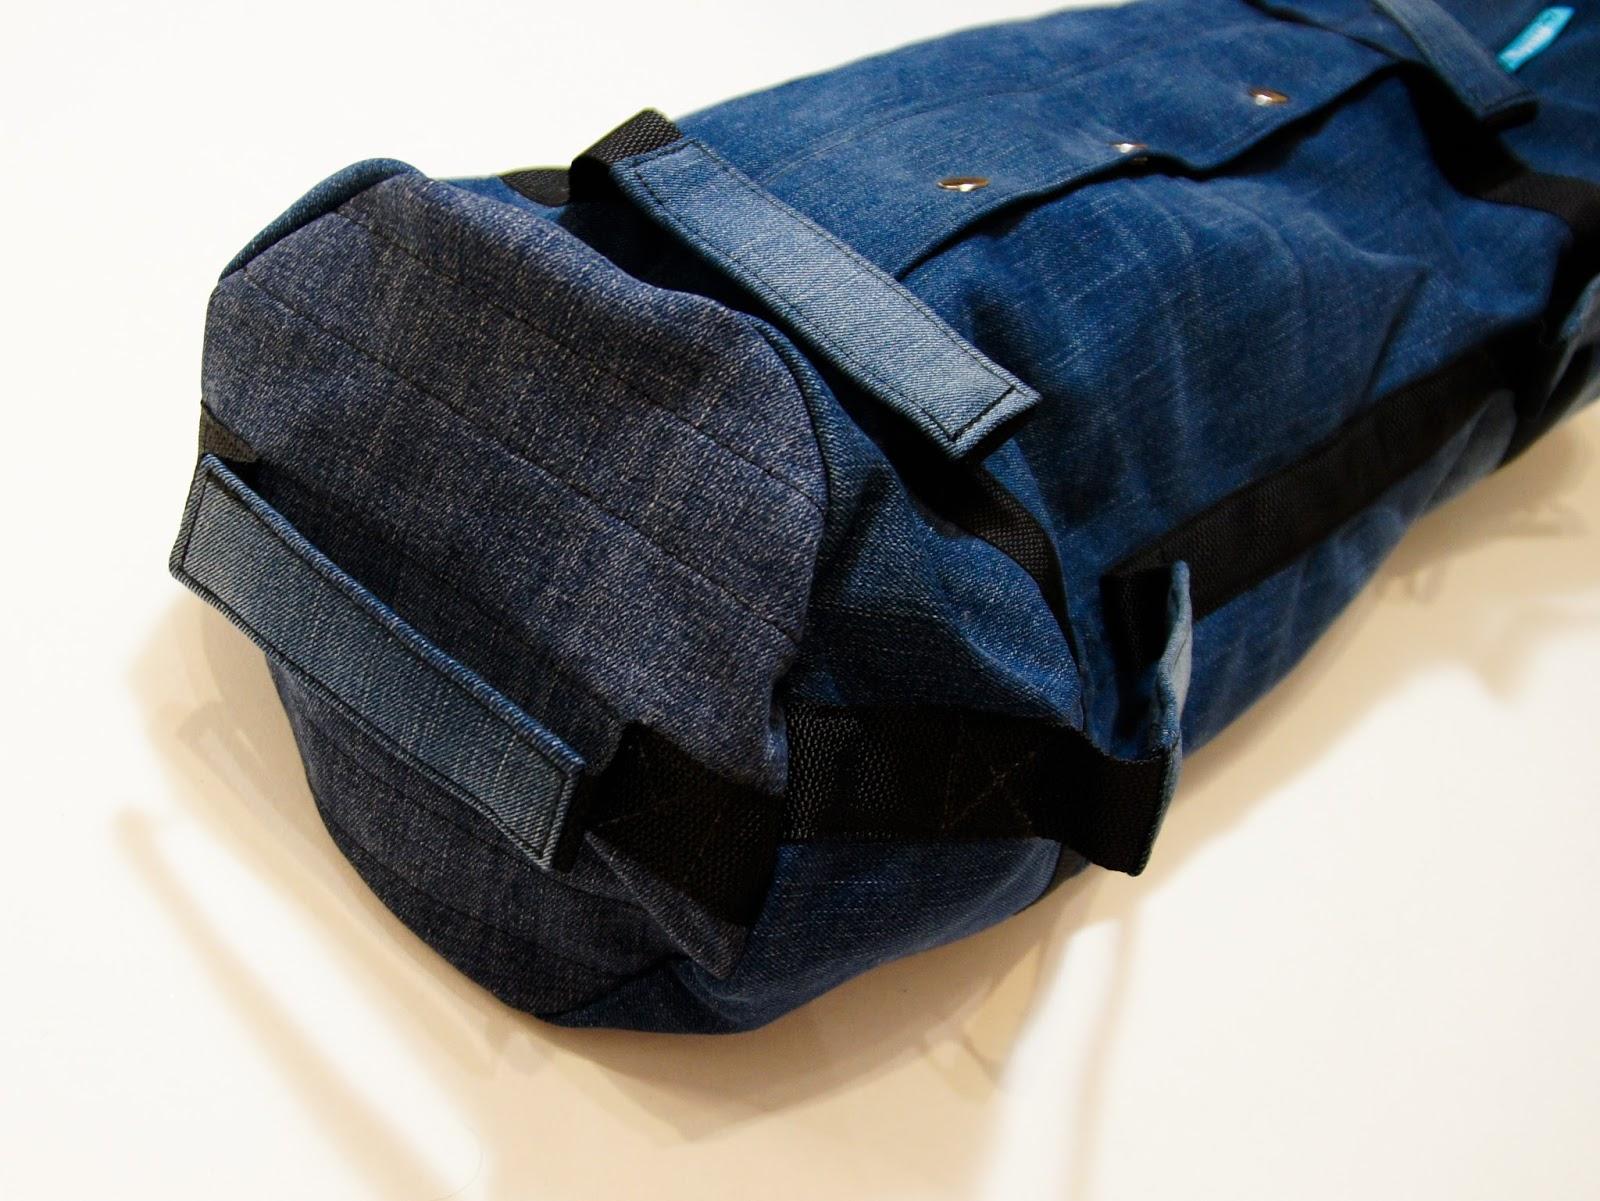 Сэндбэг своими руками из сумки фото 412